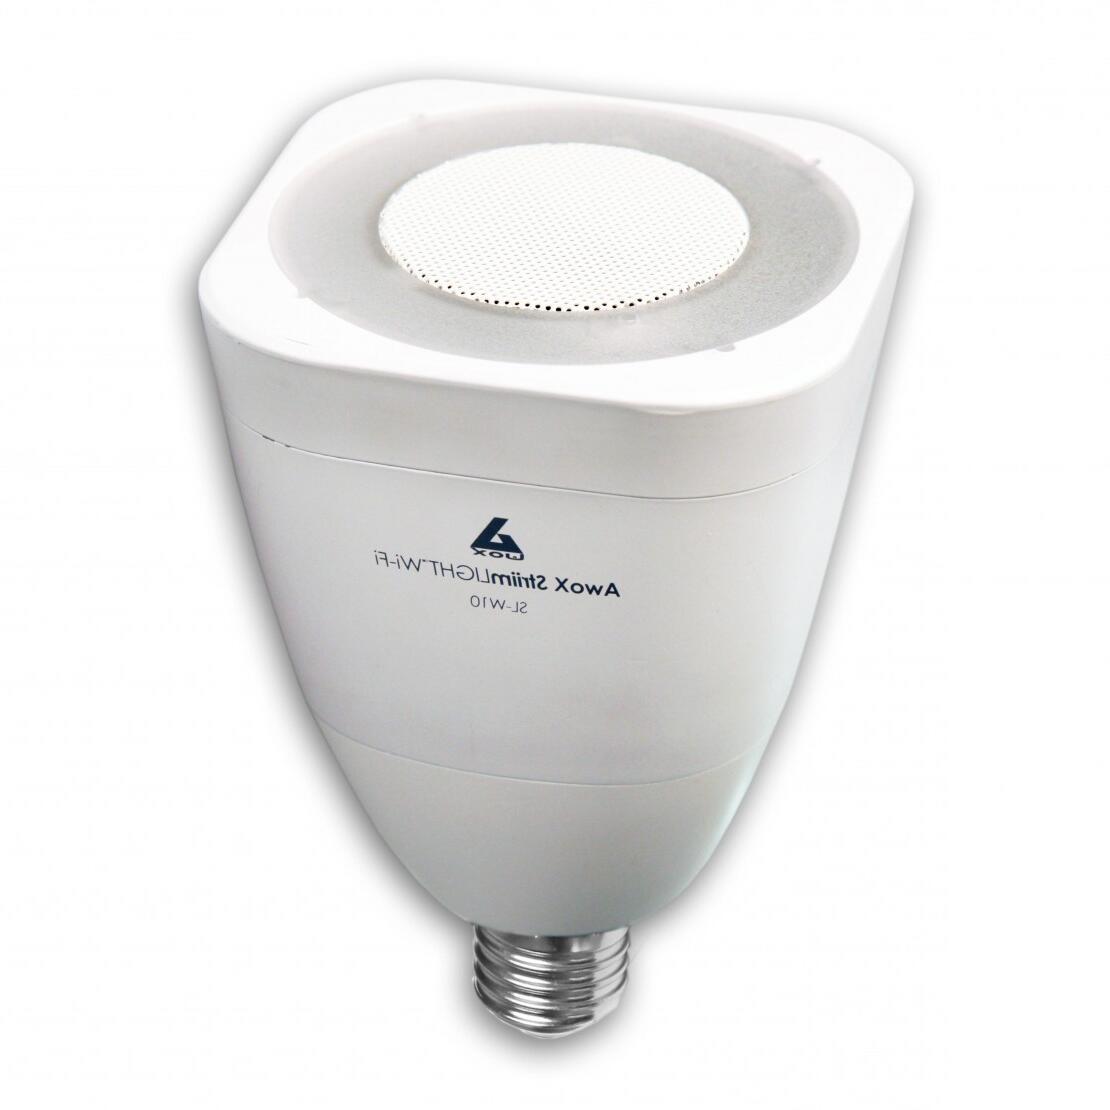 Comment savoir si une ampoule est basse consommation ?